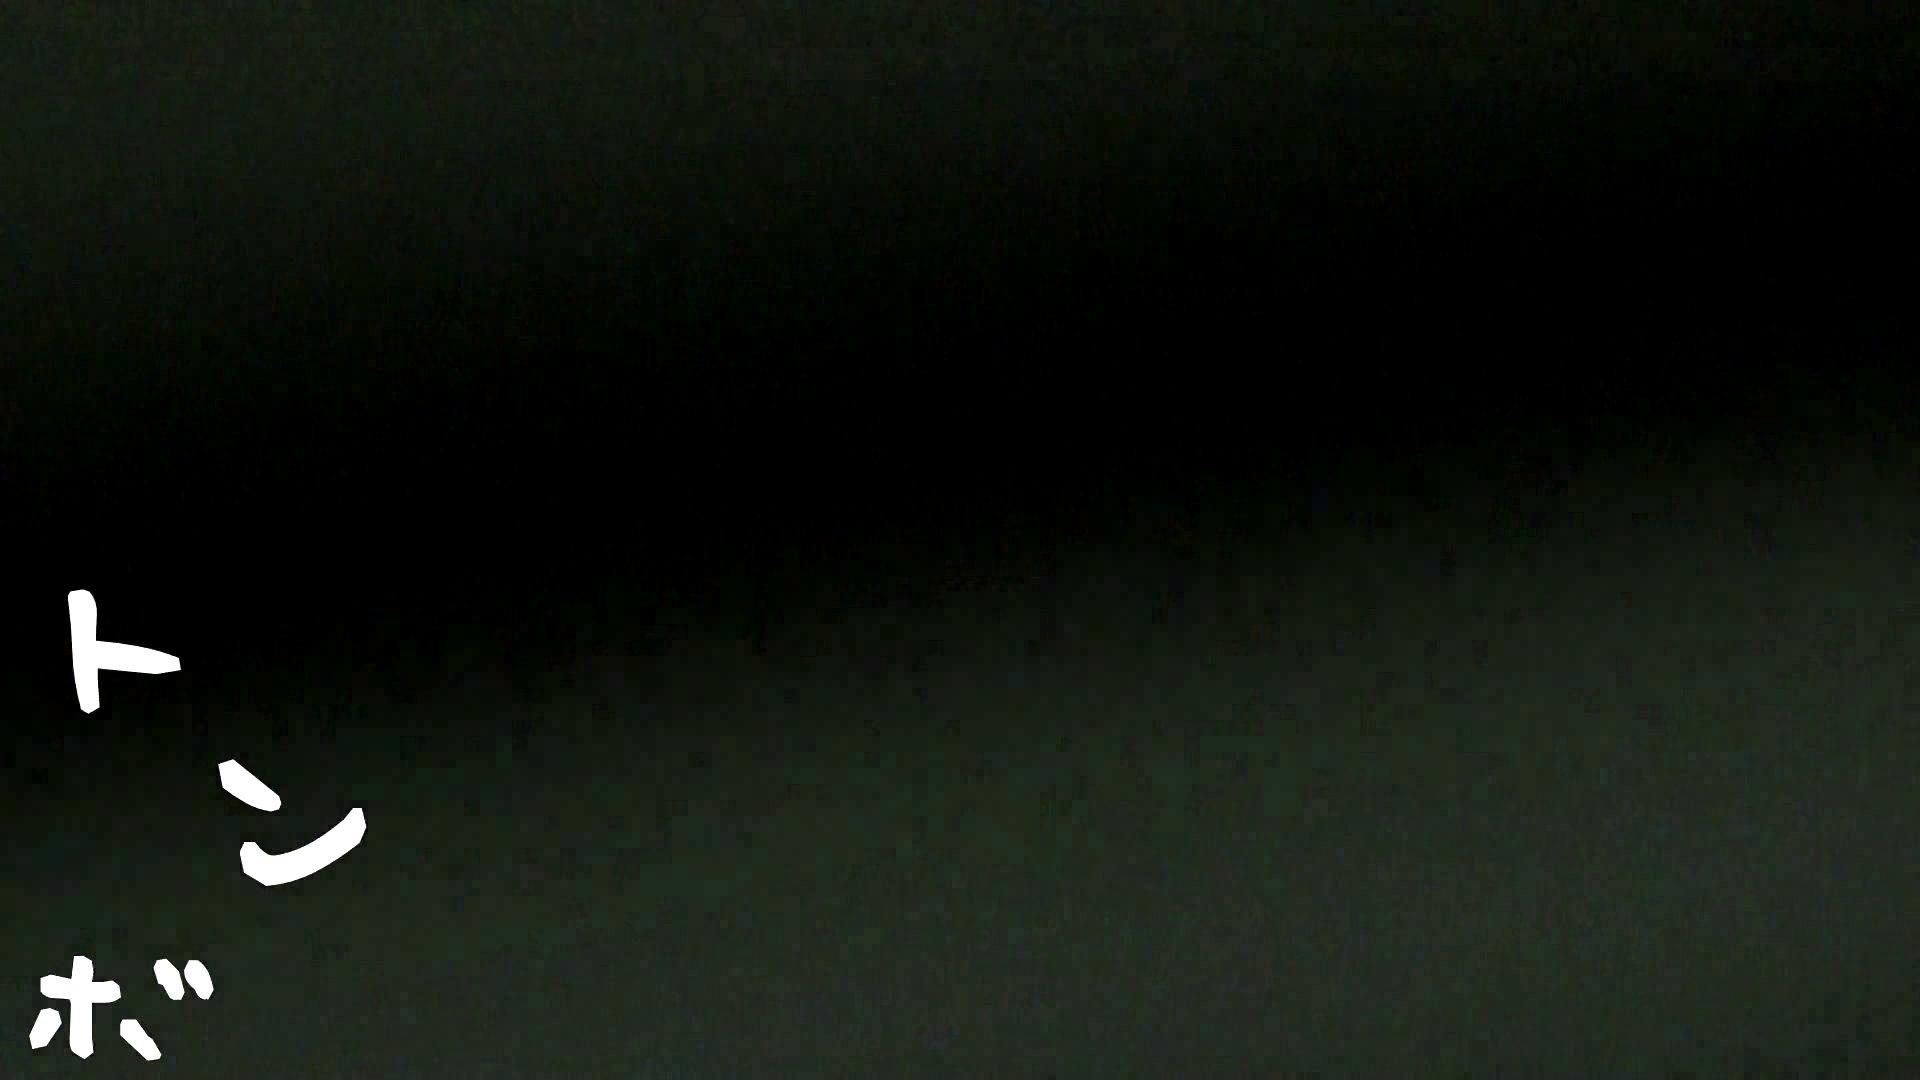 リアル盗撮 清楚なお女市さんのマル秘私生活① 高画質 おまんこ動画流出 71PIX 8